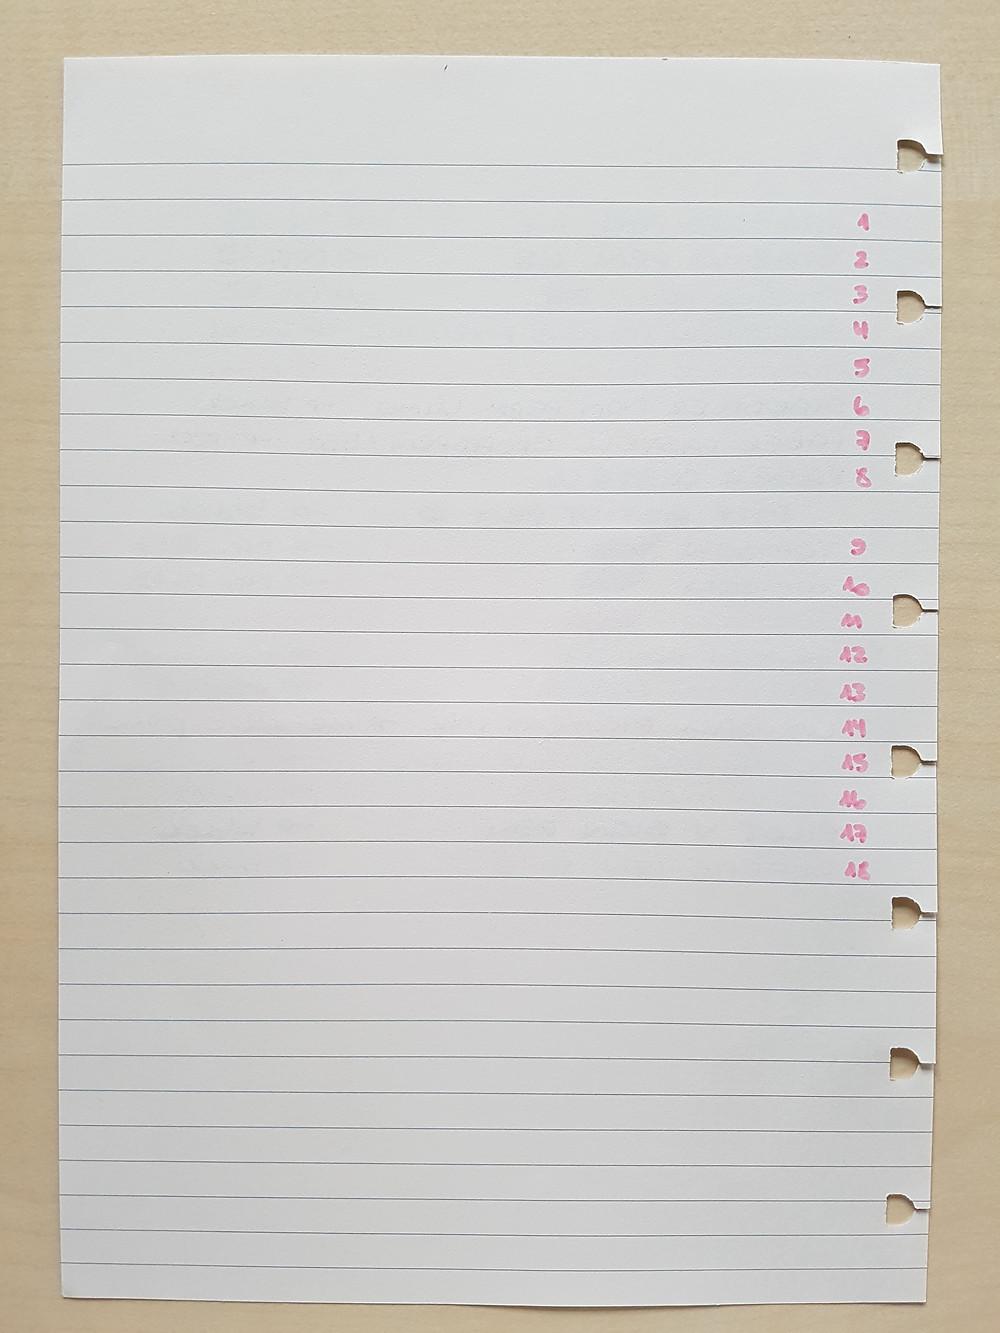 StickersSwissMade - blogpost - paper and pen test nbr 3 - filofax notebooks_12